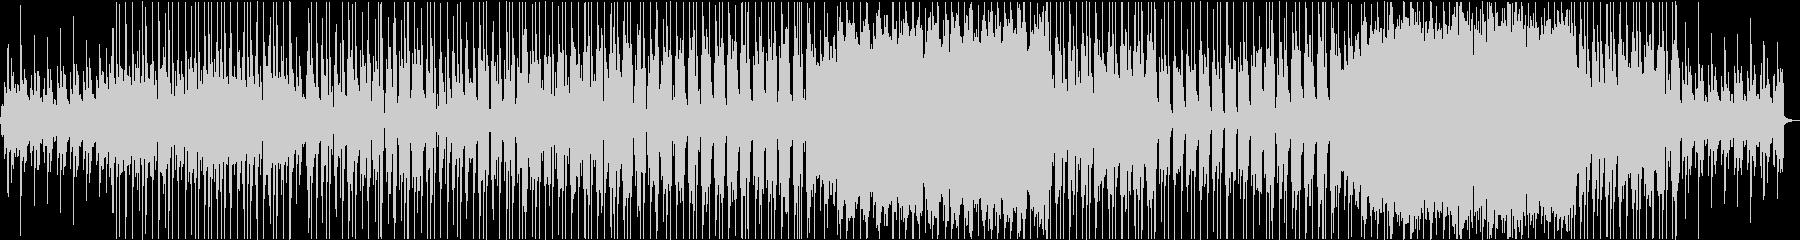 スリリングなアルペジオで始まる切なロックの未再生の波形